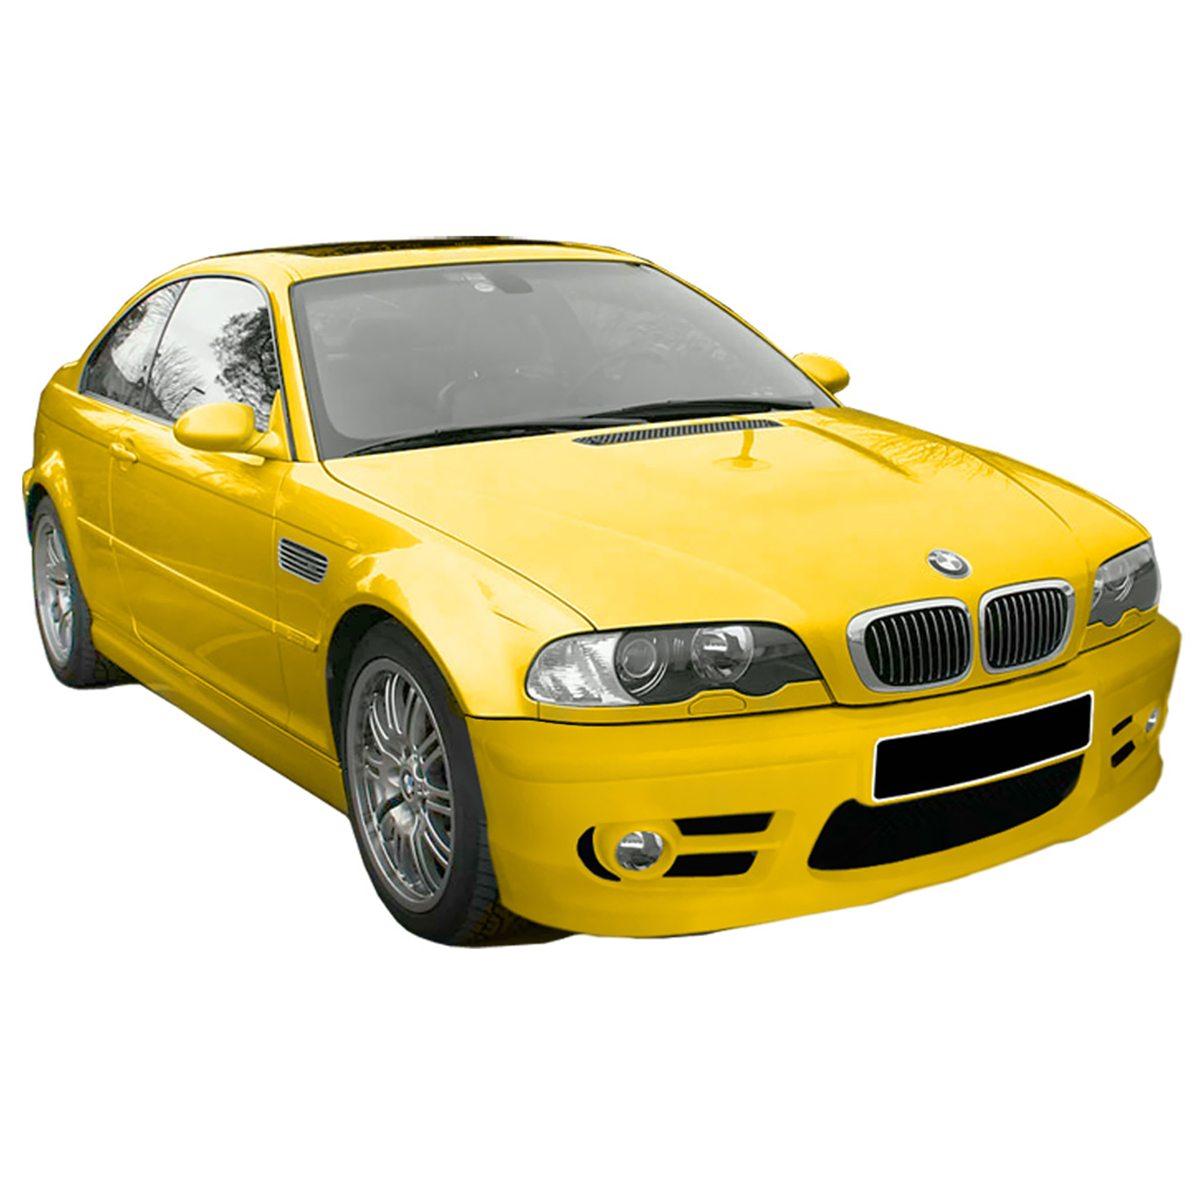 BMW-E46-Super-Sport-Frt-PCU0103